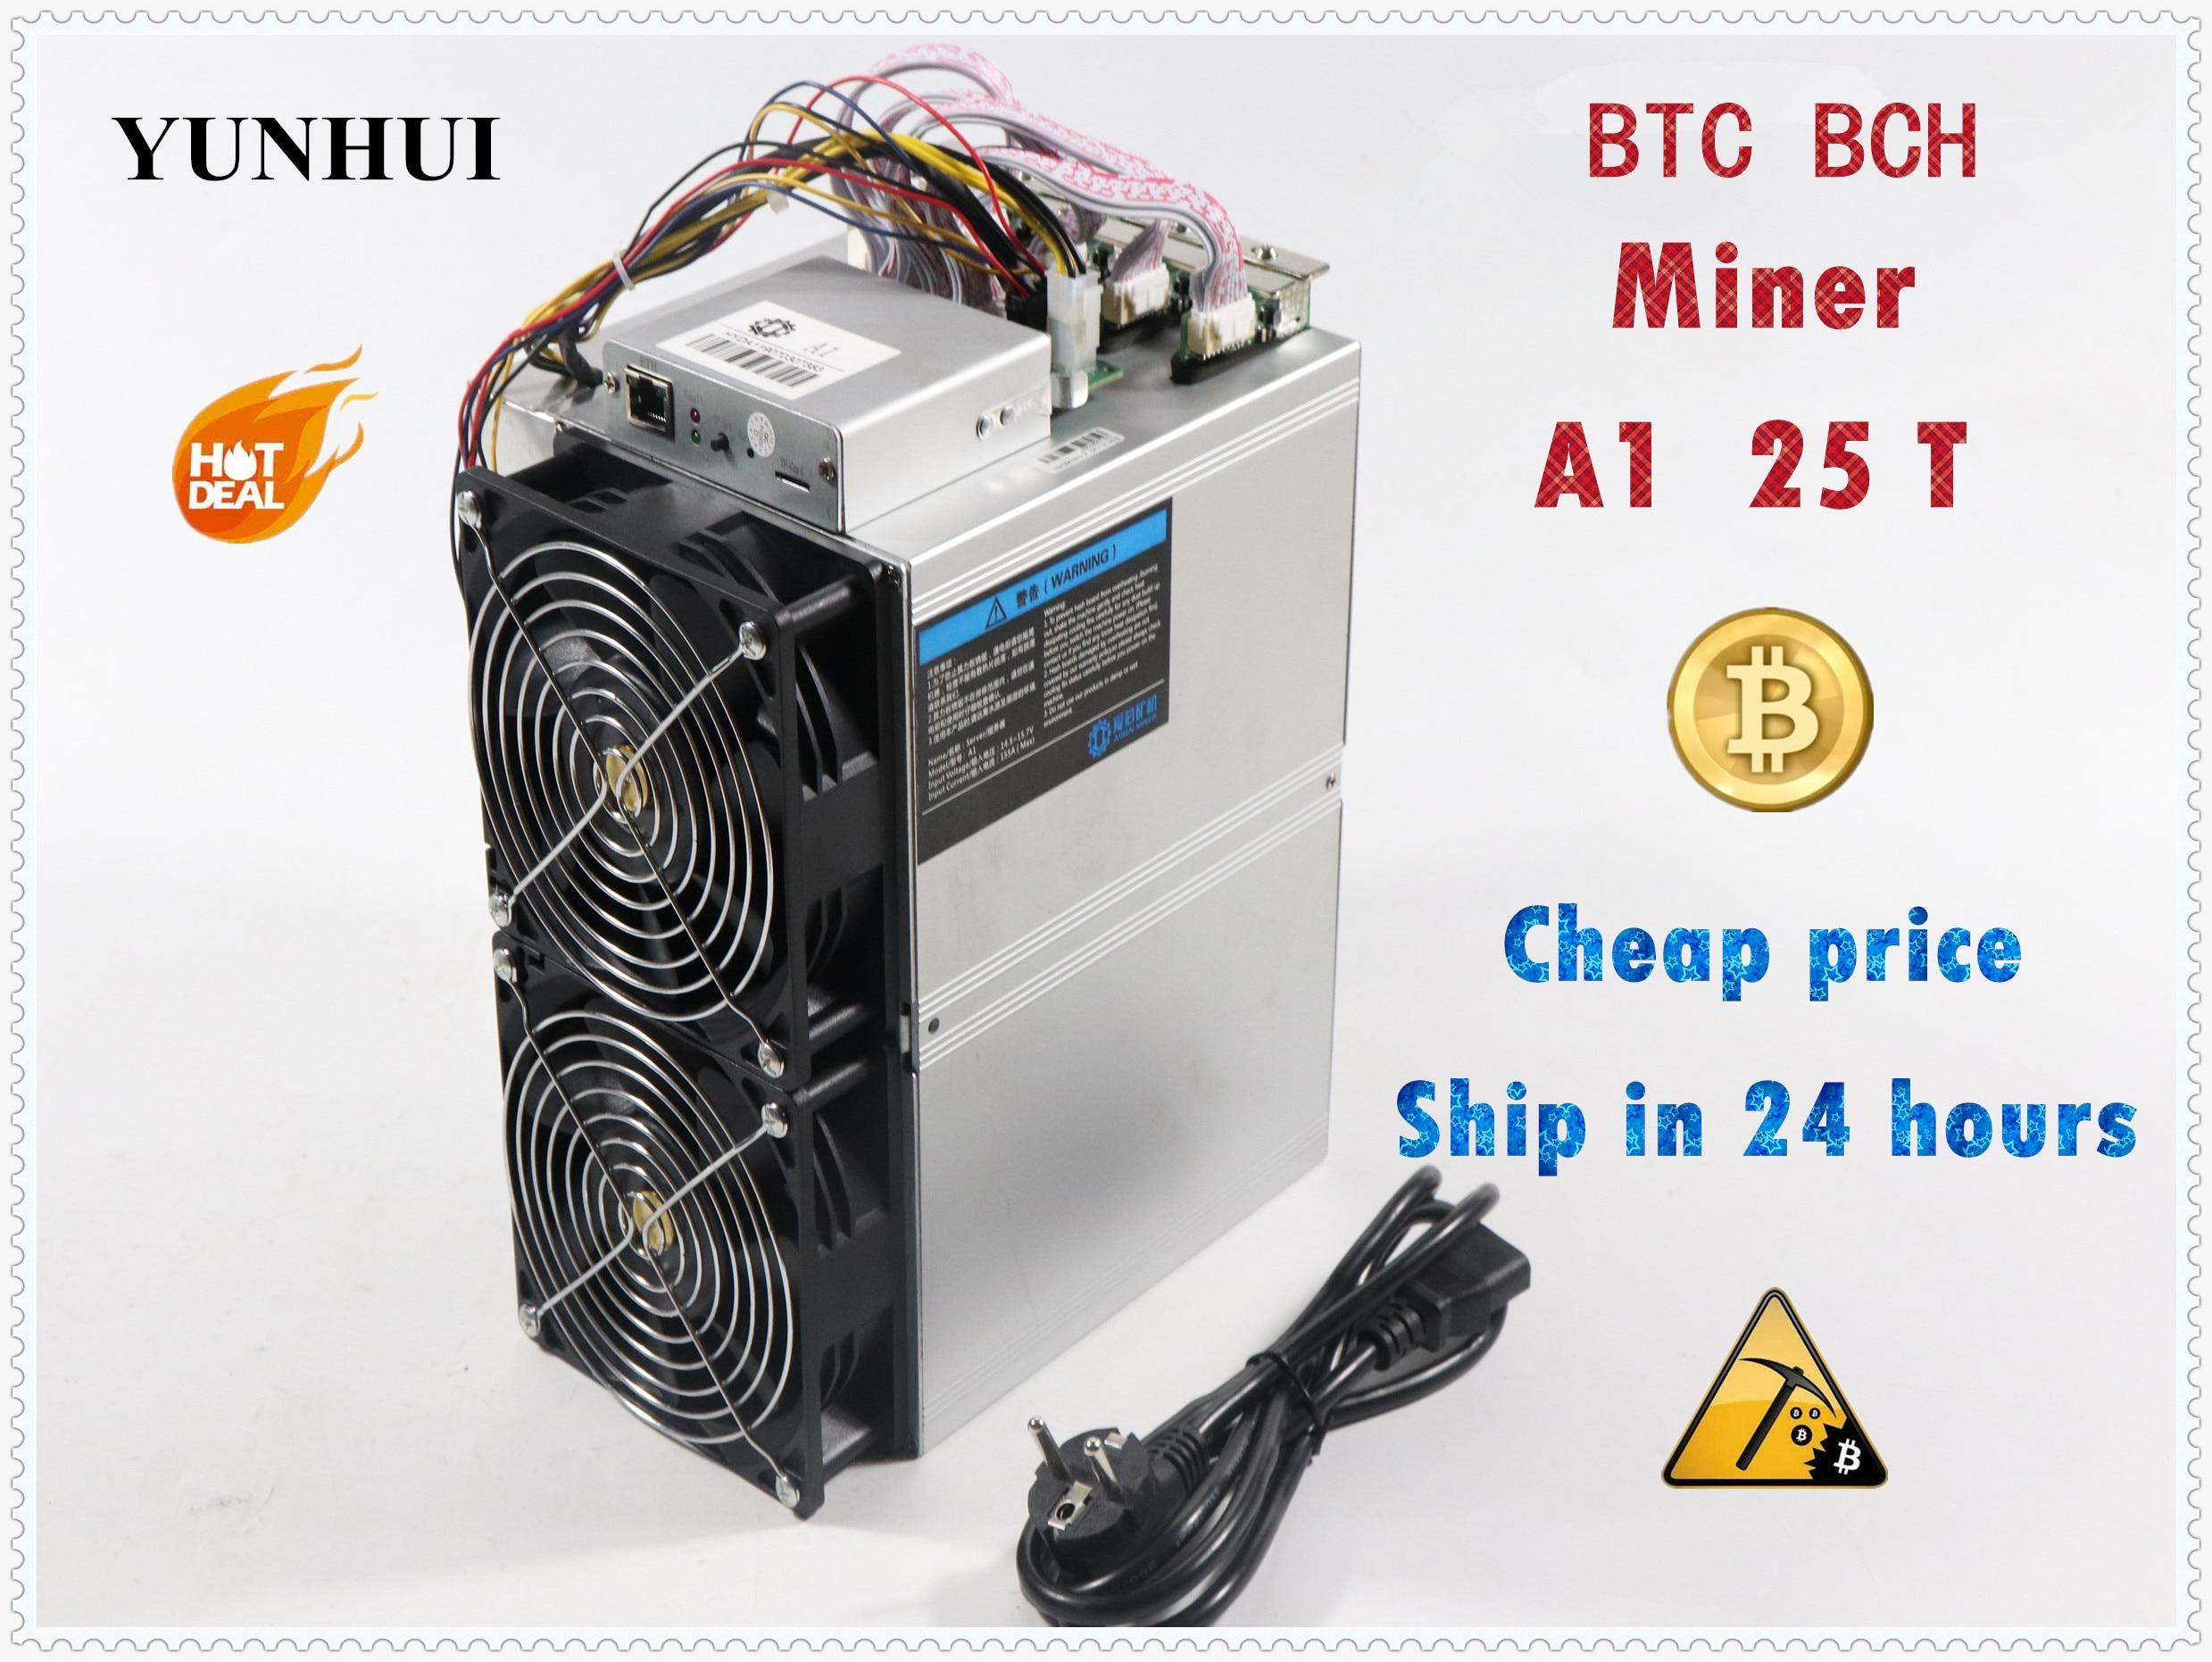 BTC BCH mineur amour Core A1 mineur Aixin A1 25T avec PSU économique que Antminer S9 S11 S15 S17 T9 + T15 T17 what sminer M3X